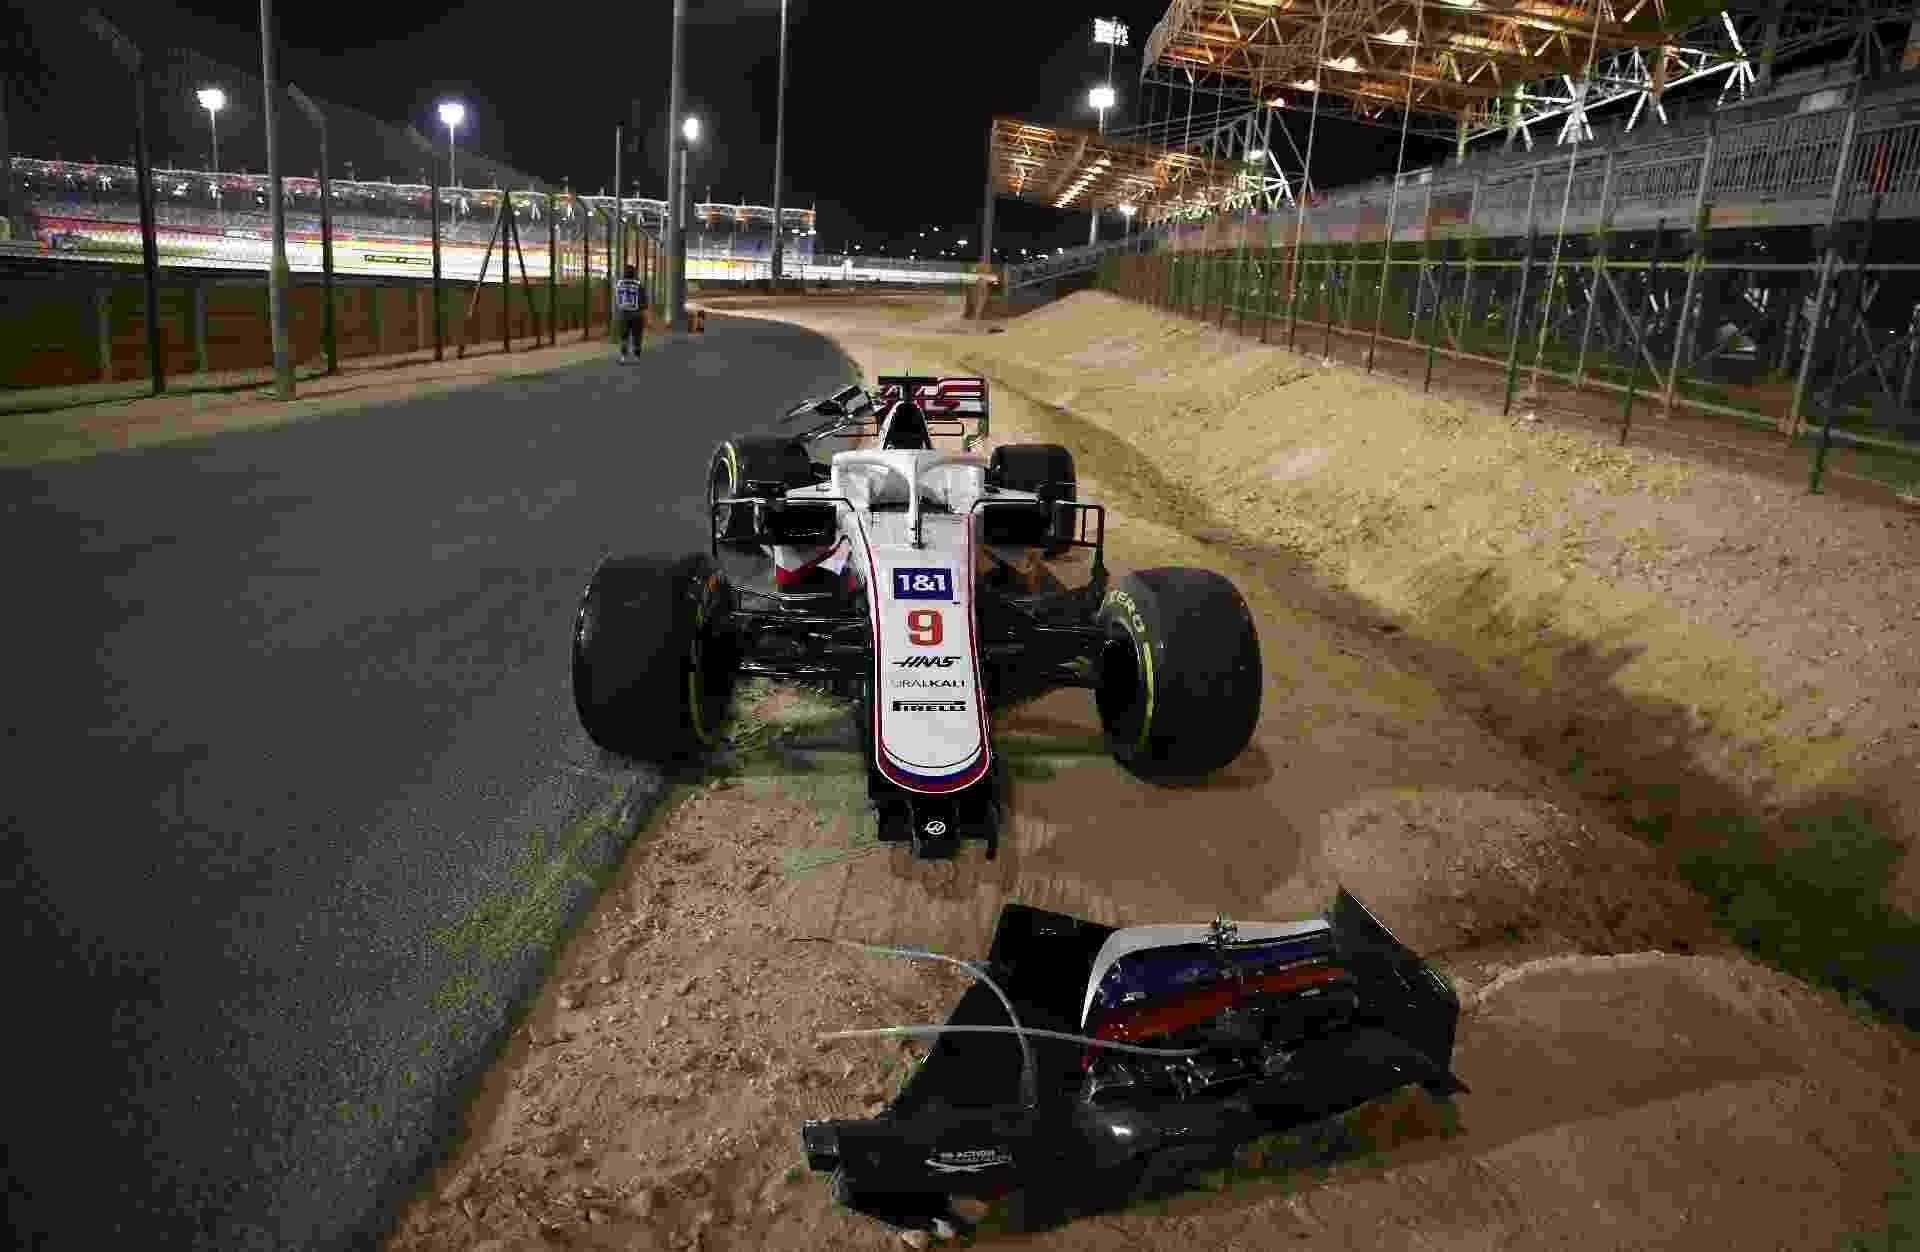 O carro abandonado pelo piloto russo Nikita Mazepin no GP do Bahrein, no primeiro acidente da temporada 2021 - Bryn Lennon/Getty Images